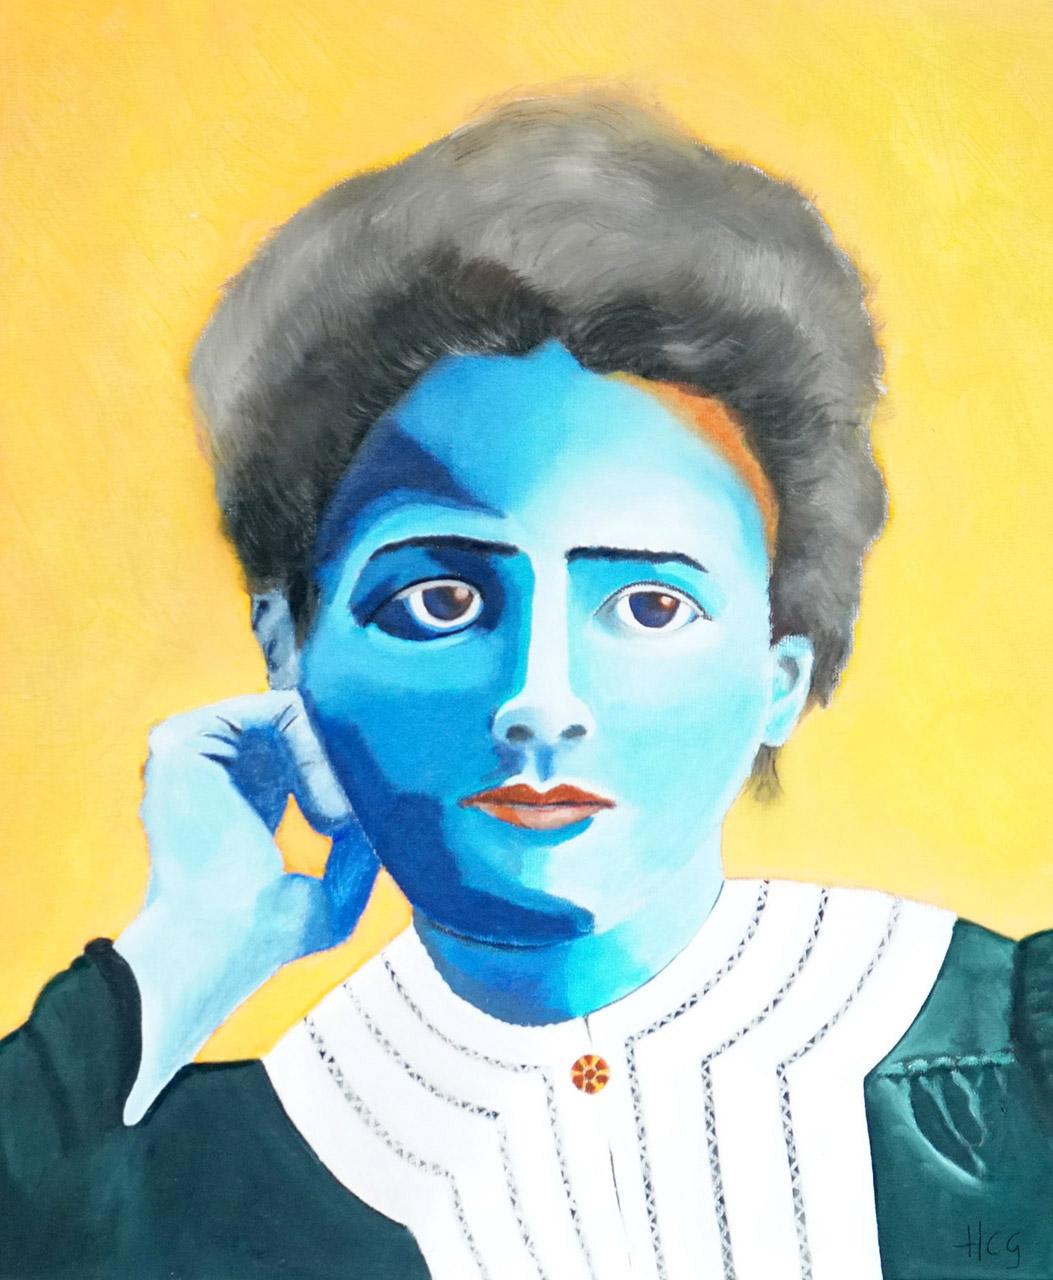 Helma Coumans_Marie Curie, uit de serie geleerde vrouwen_Olieverf op doek_50x60